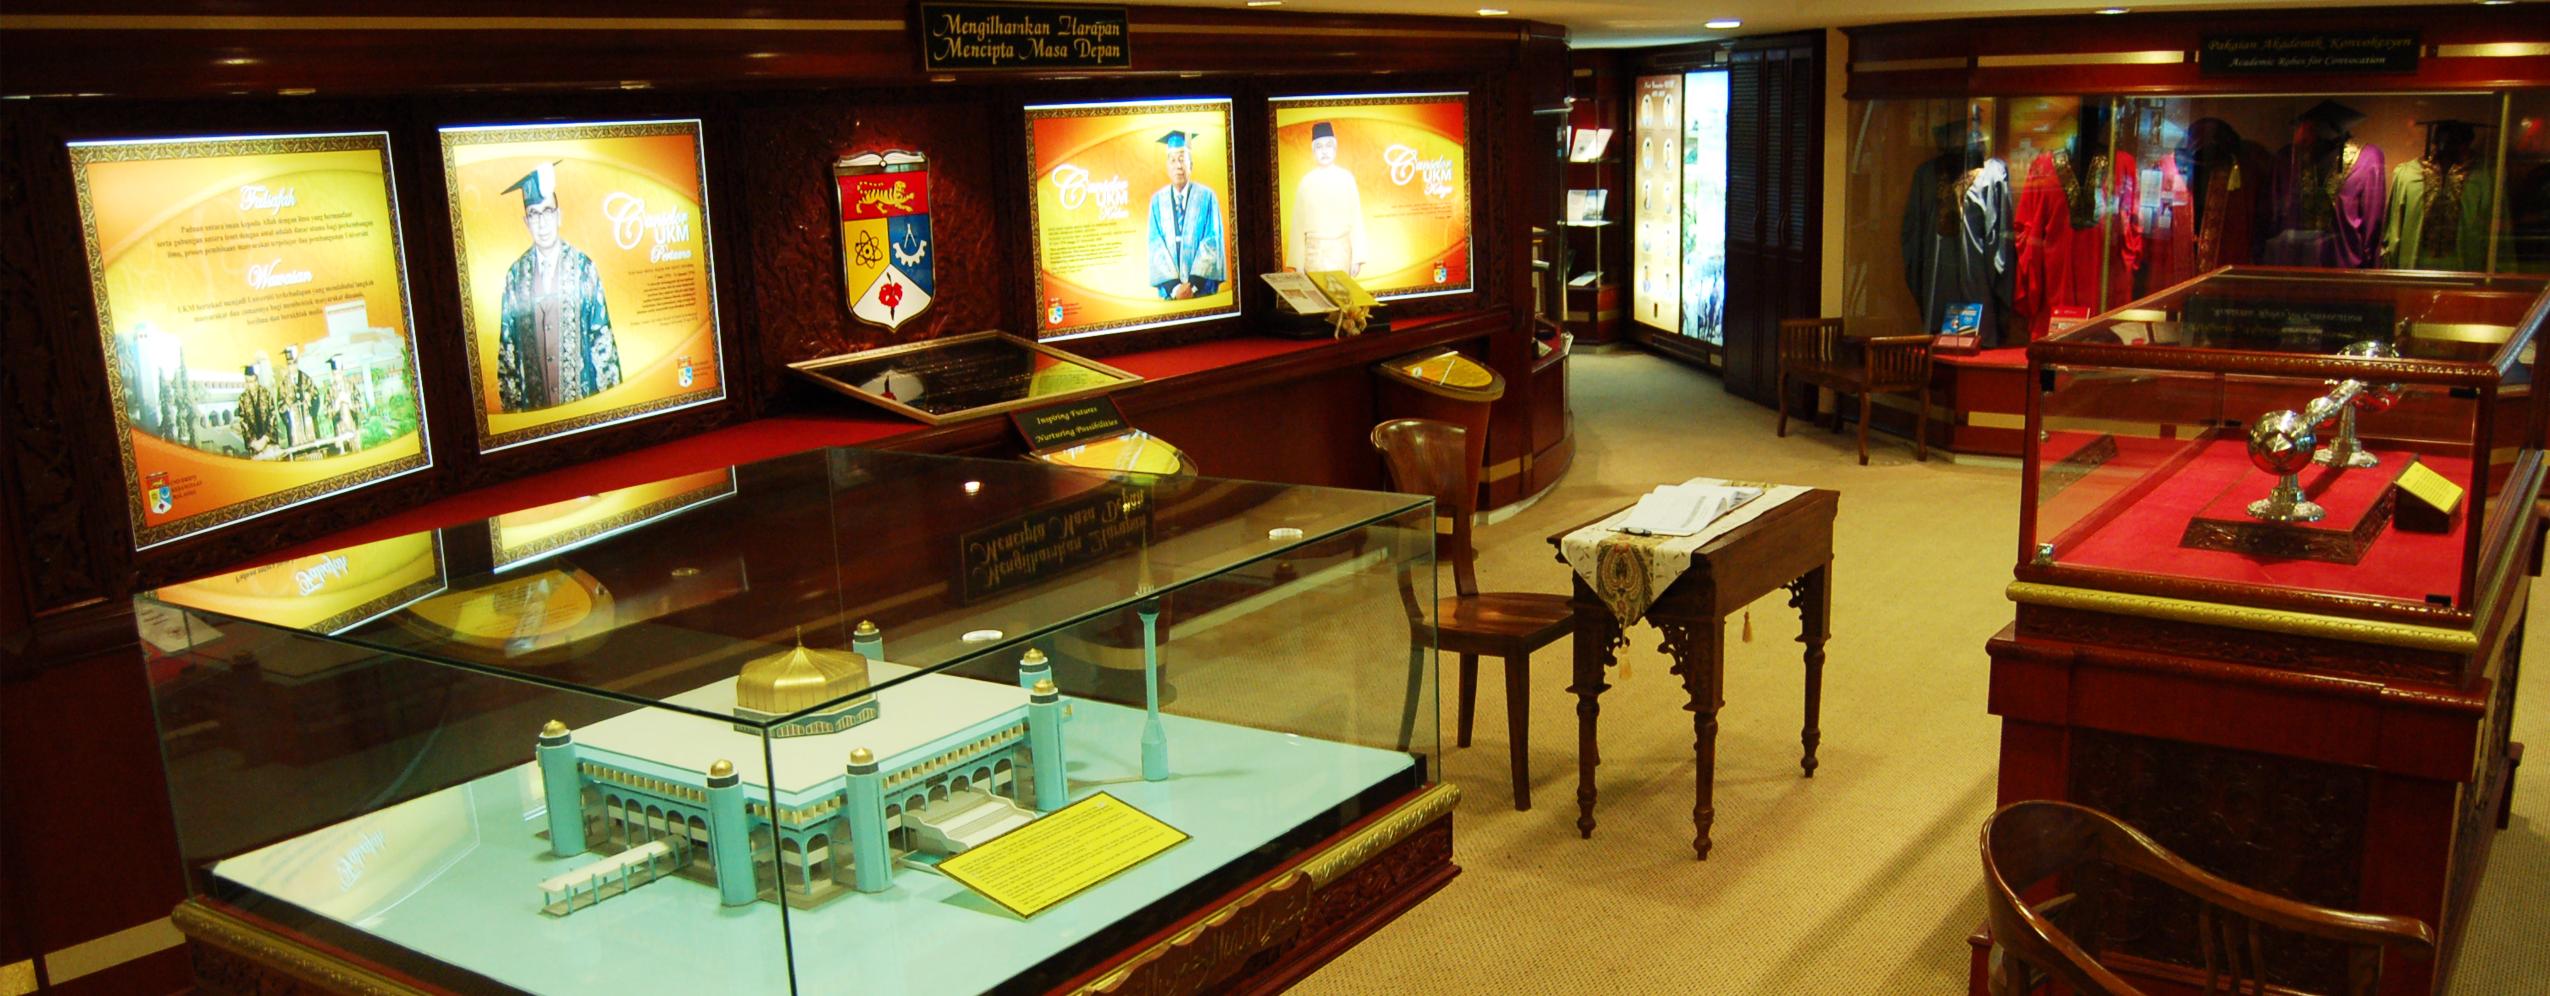 Muzium Warisan Akademik